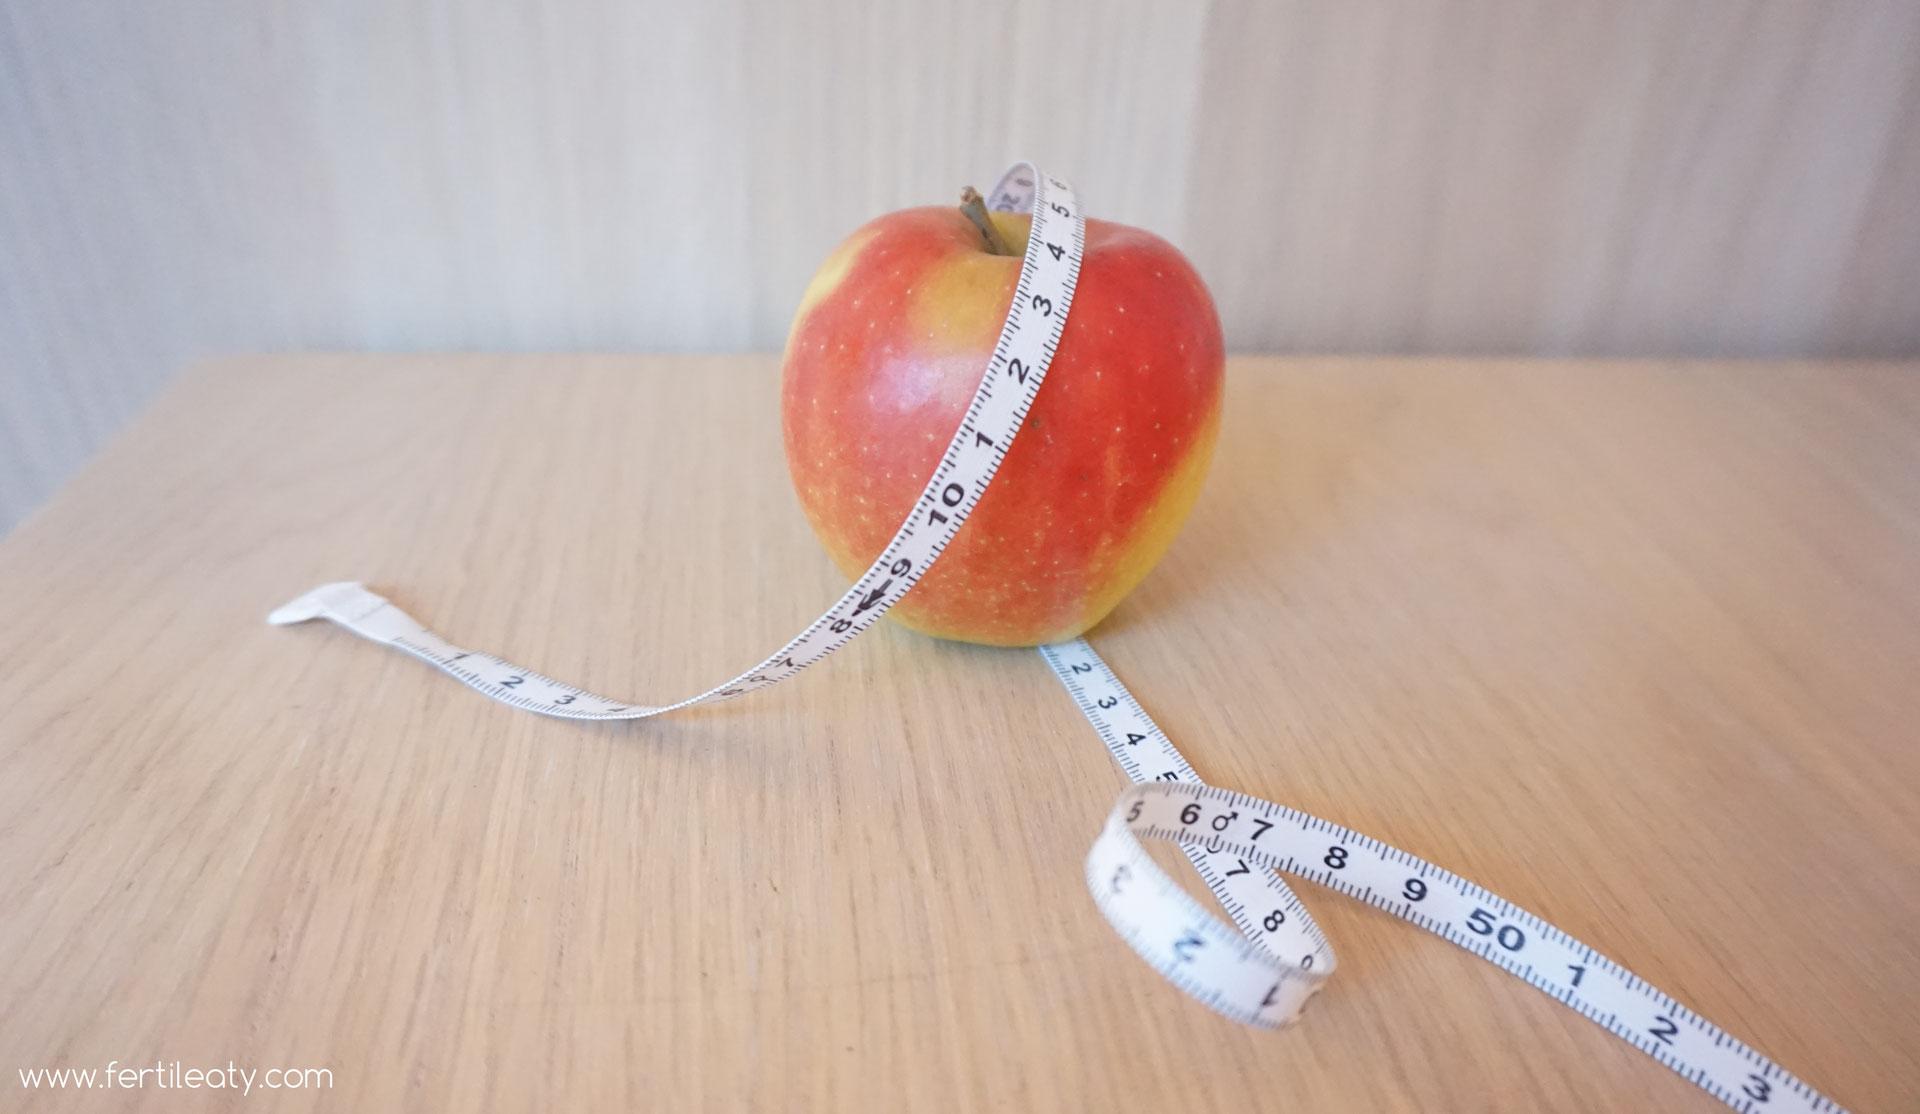 Obst und Gemüse, um den Bauch abzunehmen